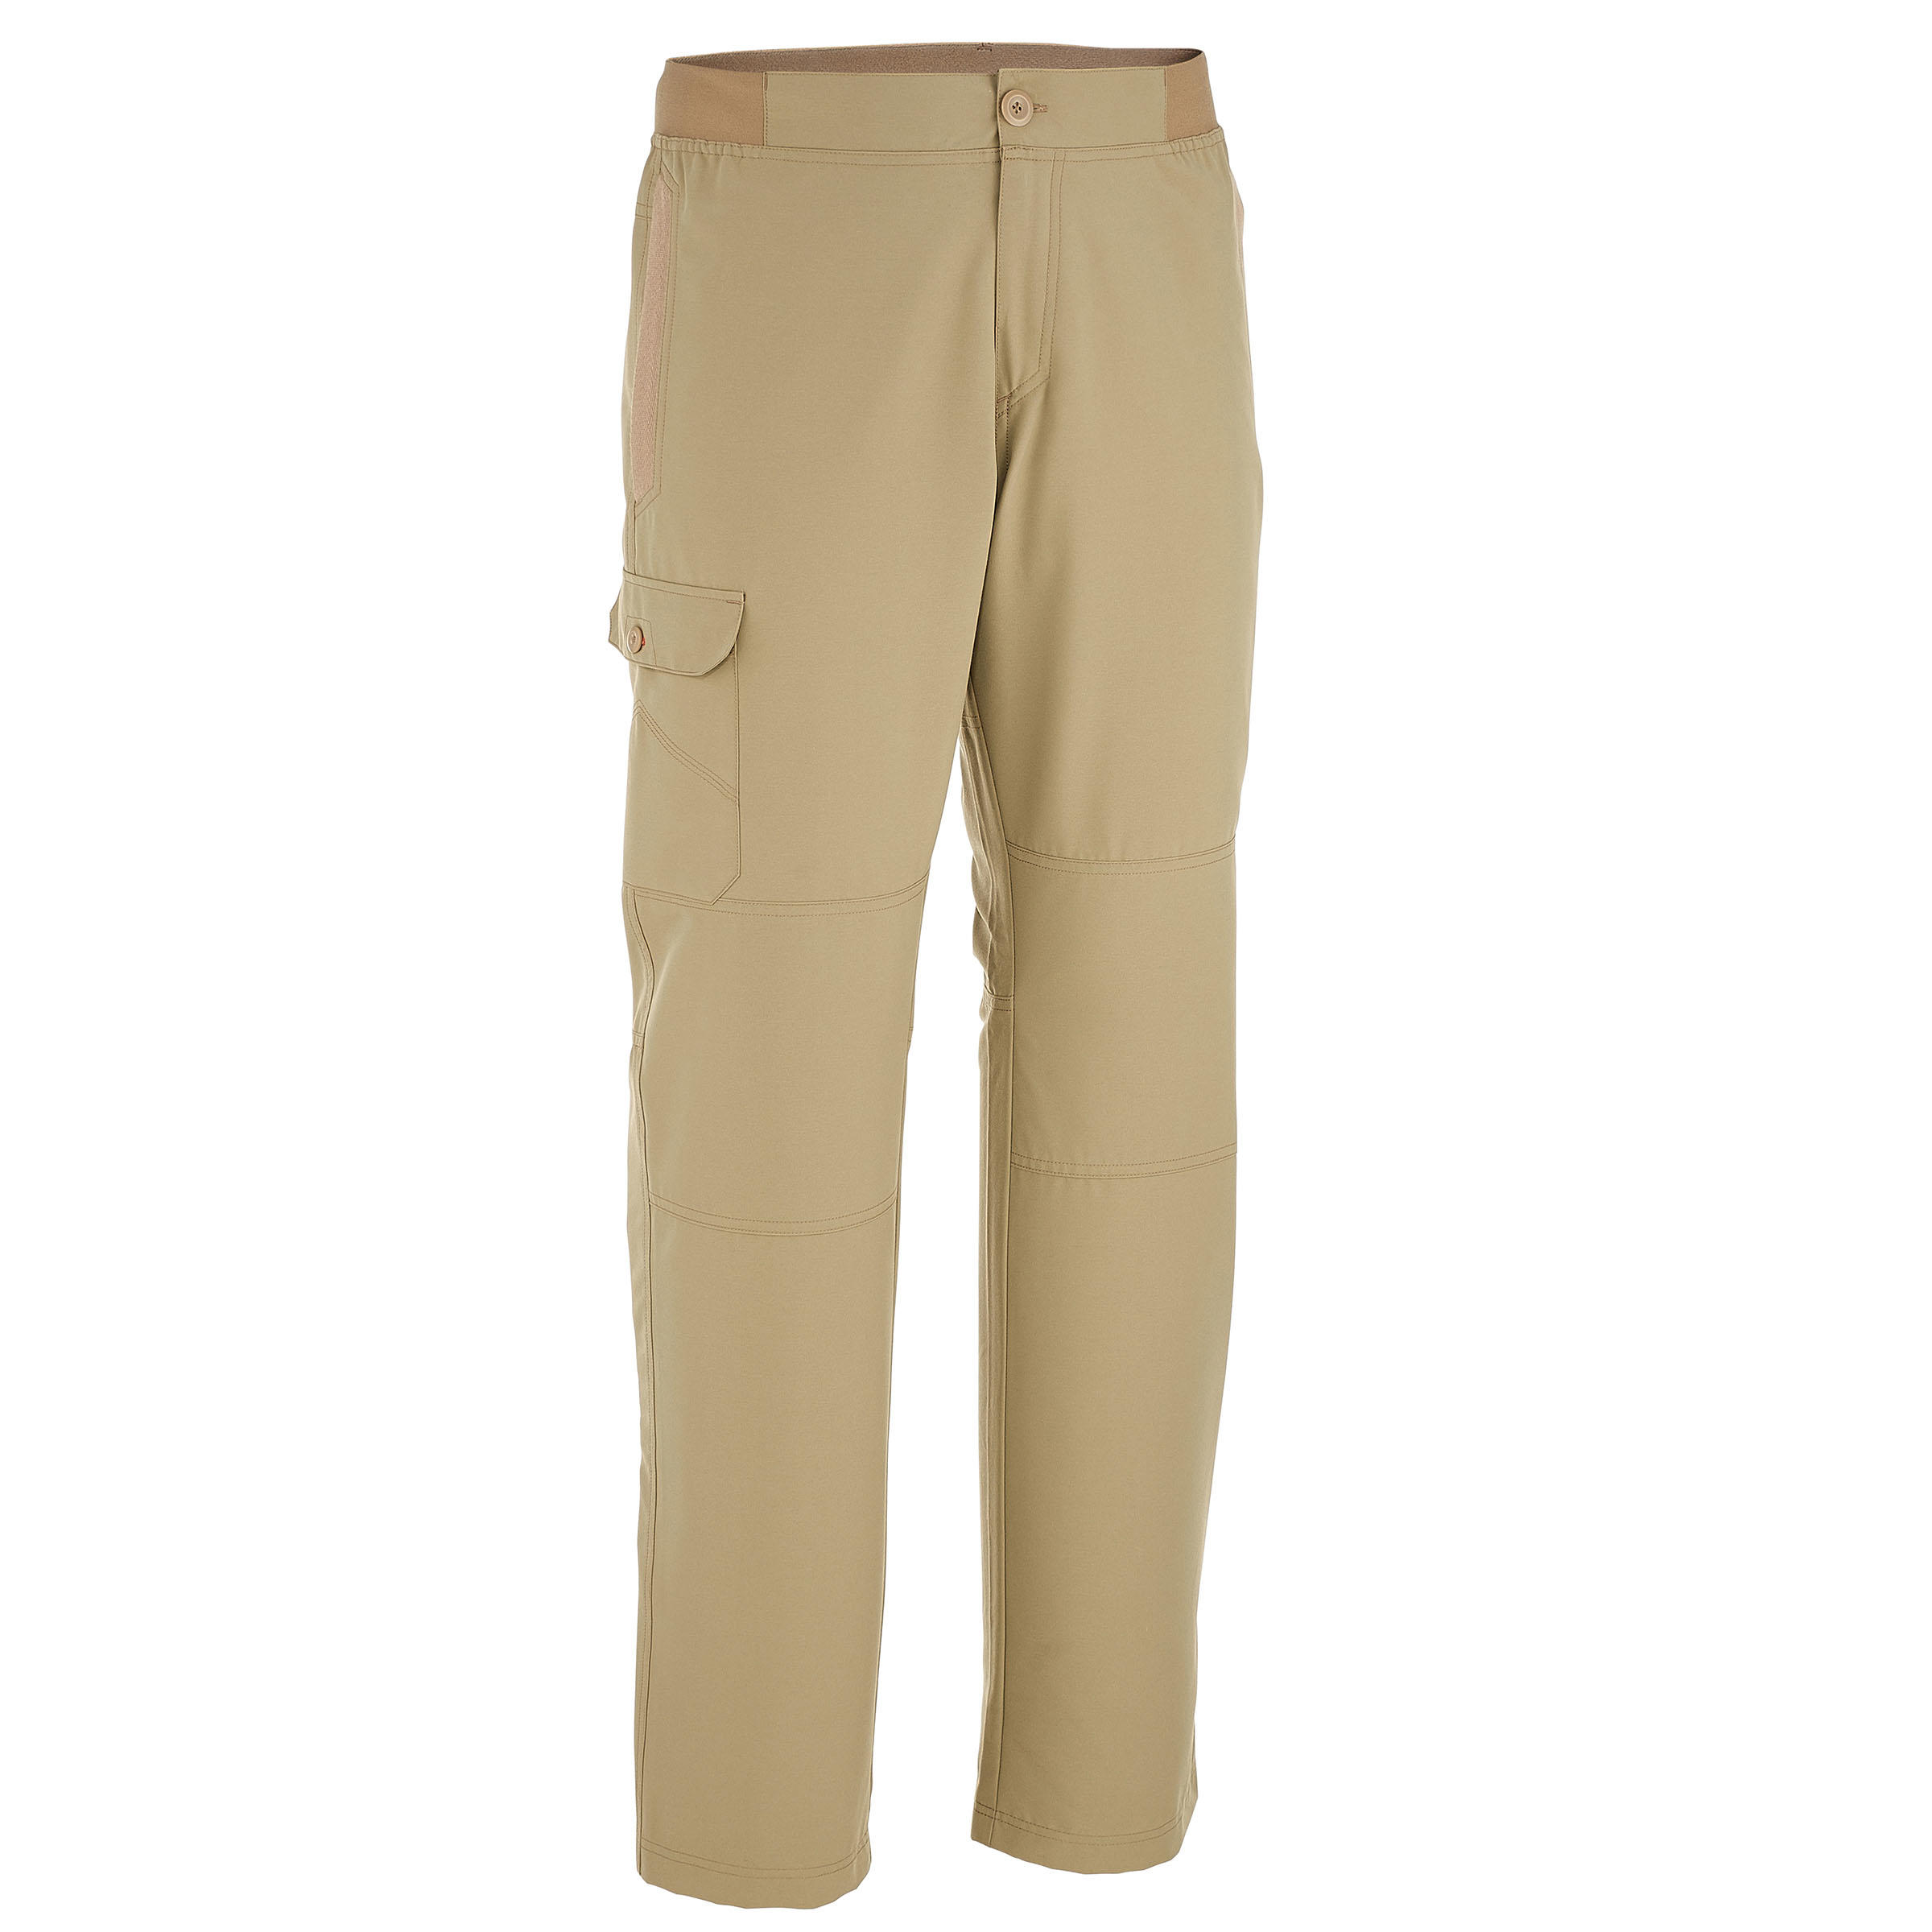 Arpenaz 50 Men's Plain Hiking Trousers - Beige